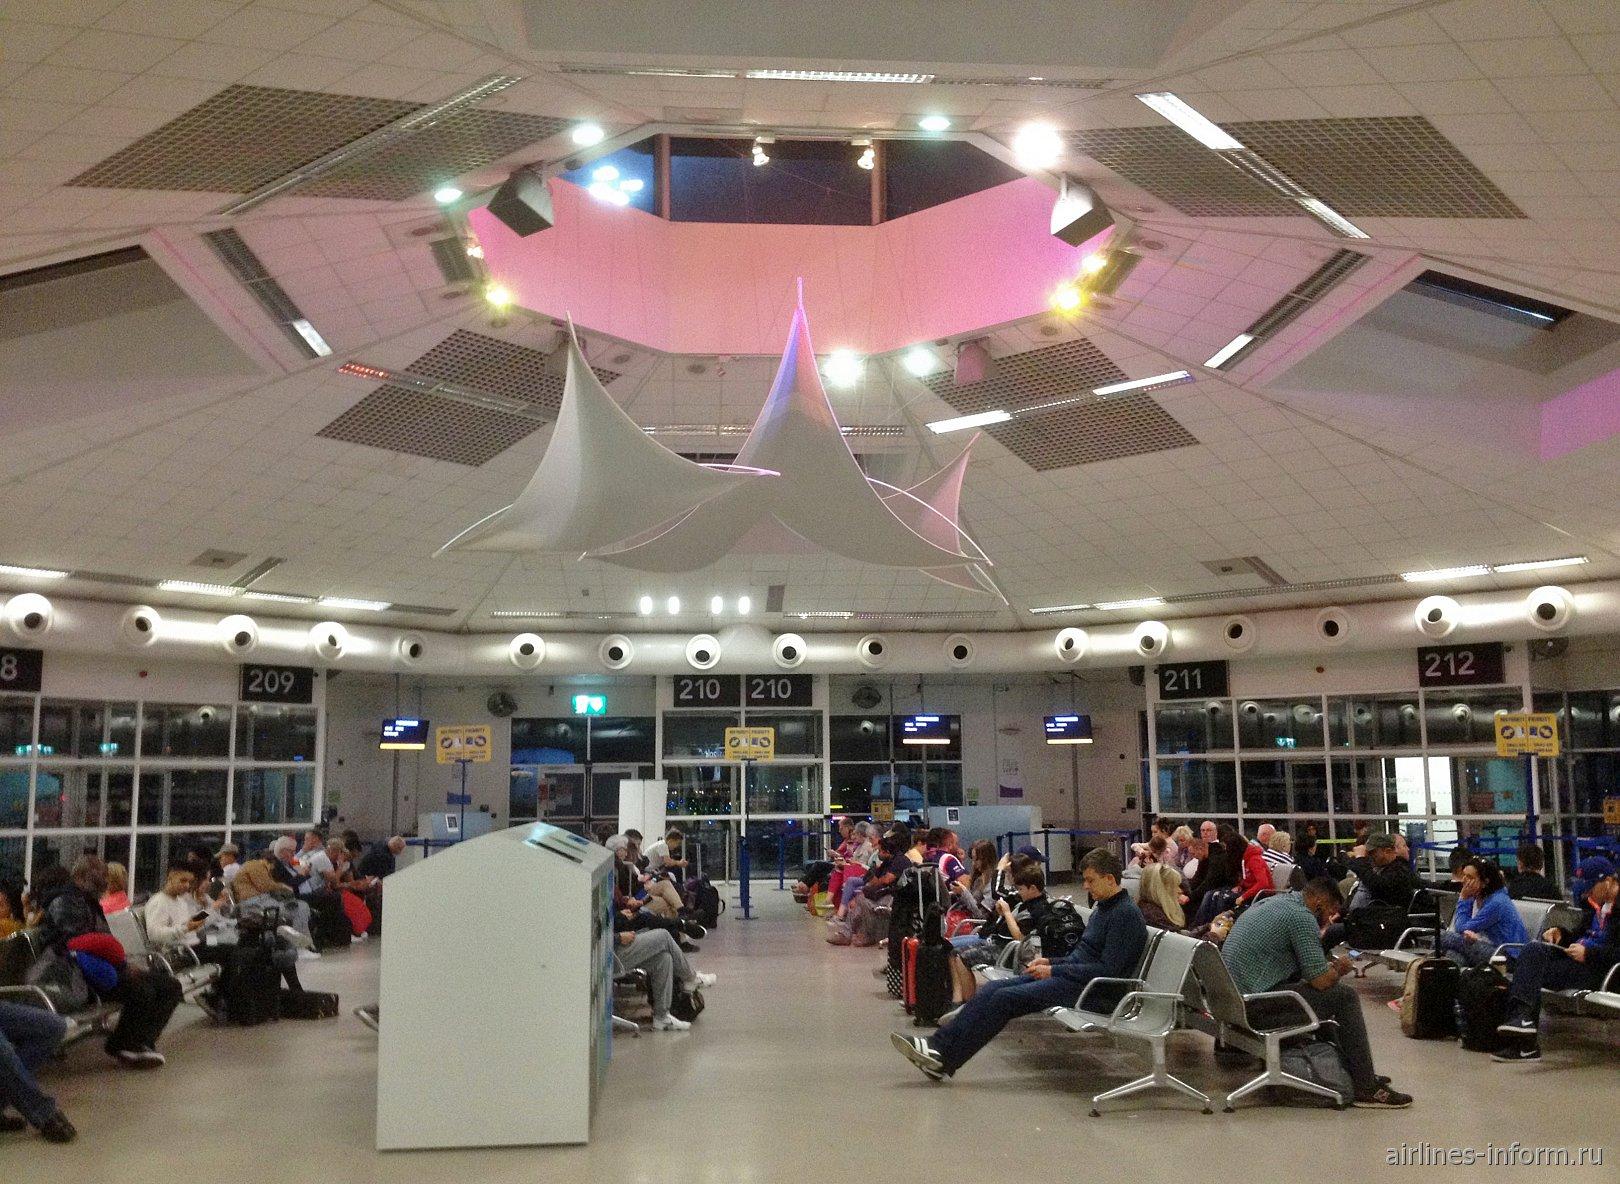 Центральные выходы на посадку в терминале 1 аэропорта Дублин